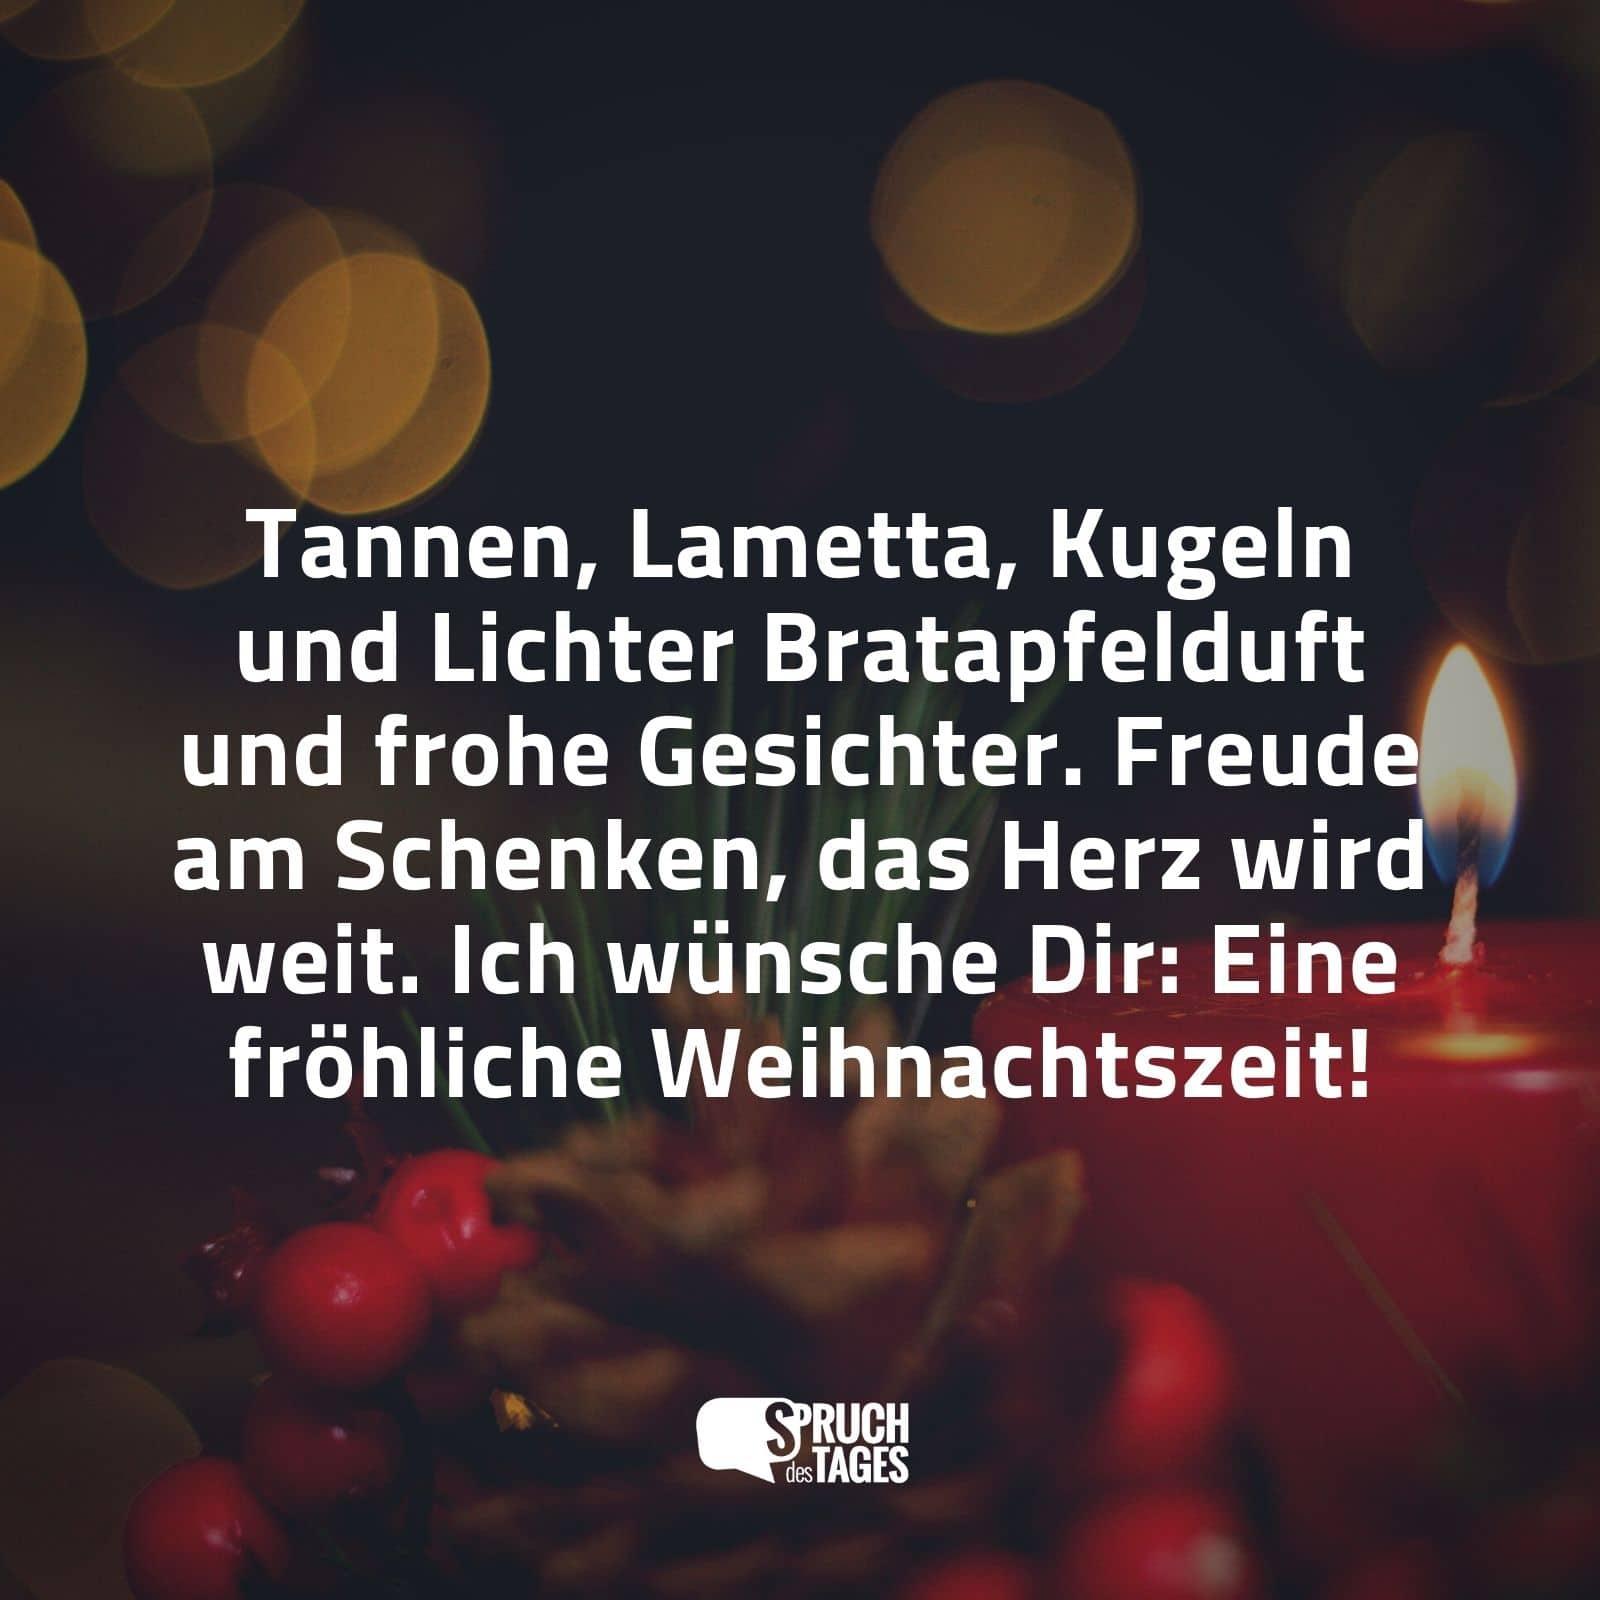 Tannen lametta kugeln und lichter bratapfelduft und frohe gesichter freude am schenken das - Besinnliche weihnachtszitate ...